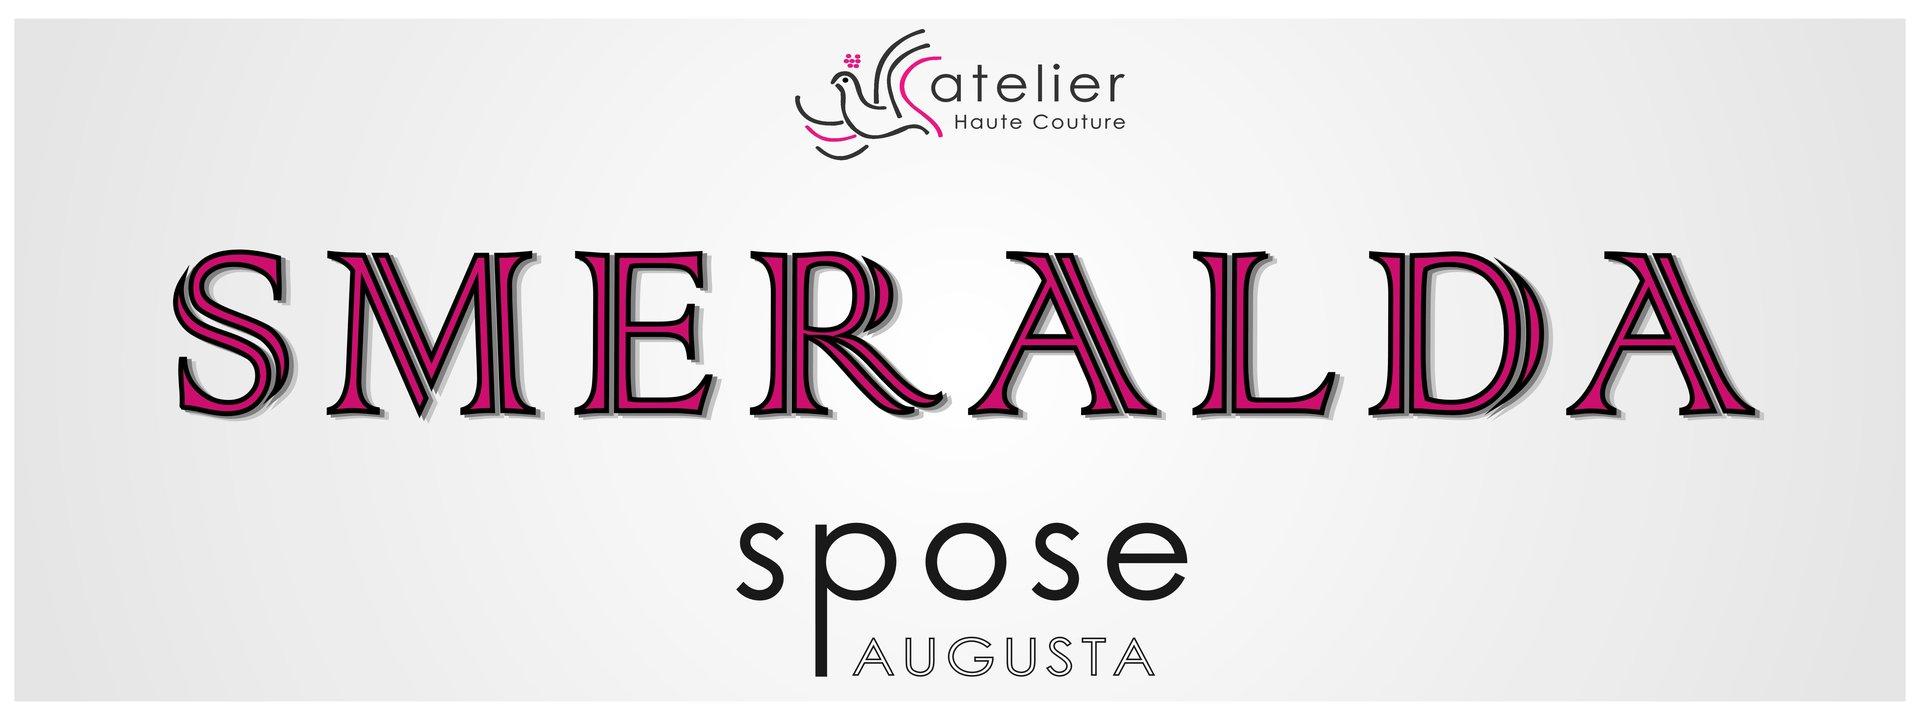 Vestito da sposa augusta sr atelier smeralda spose for Logo sito internet